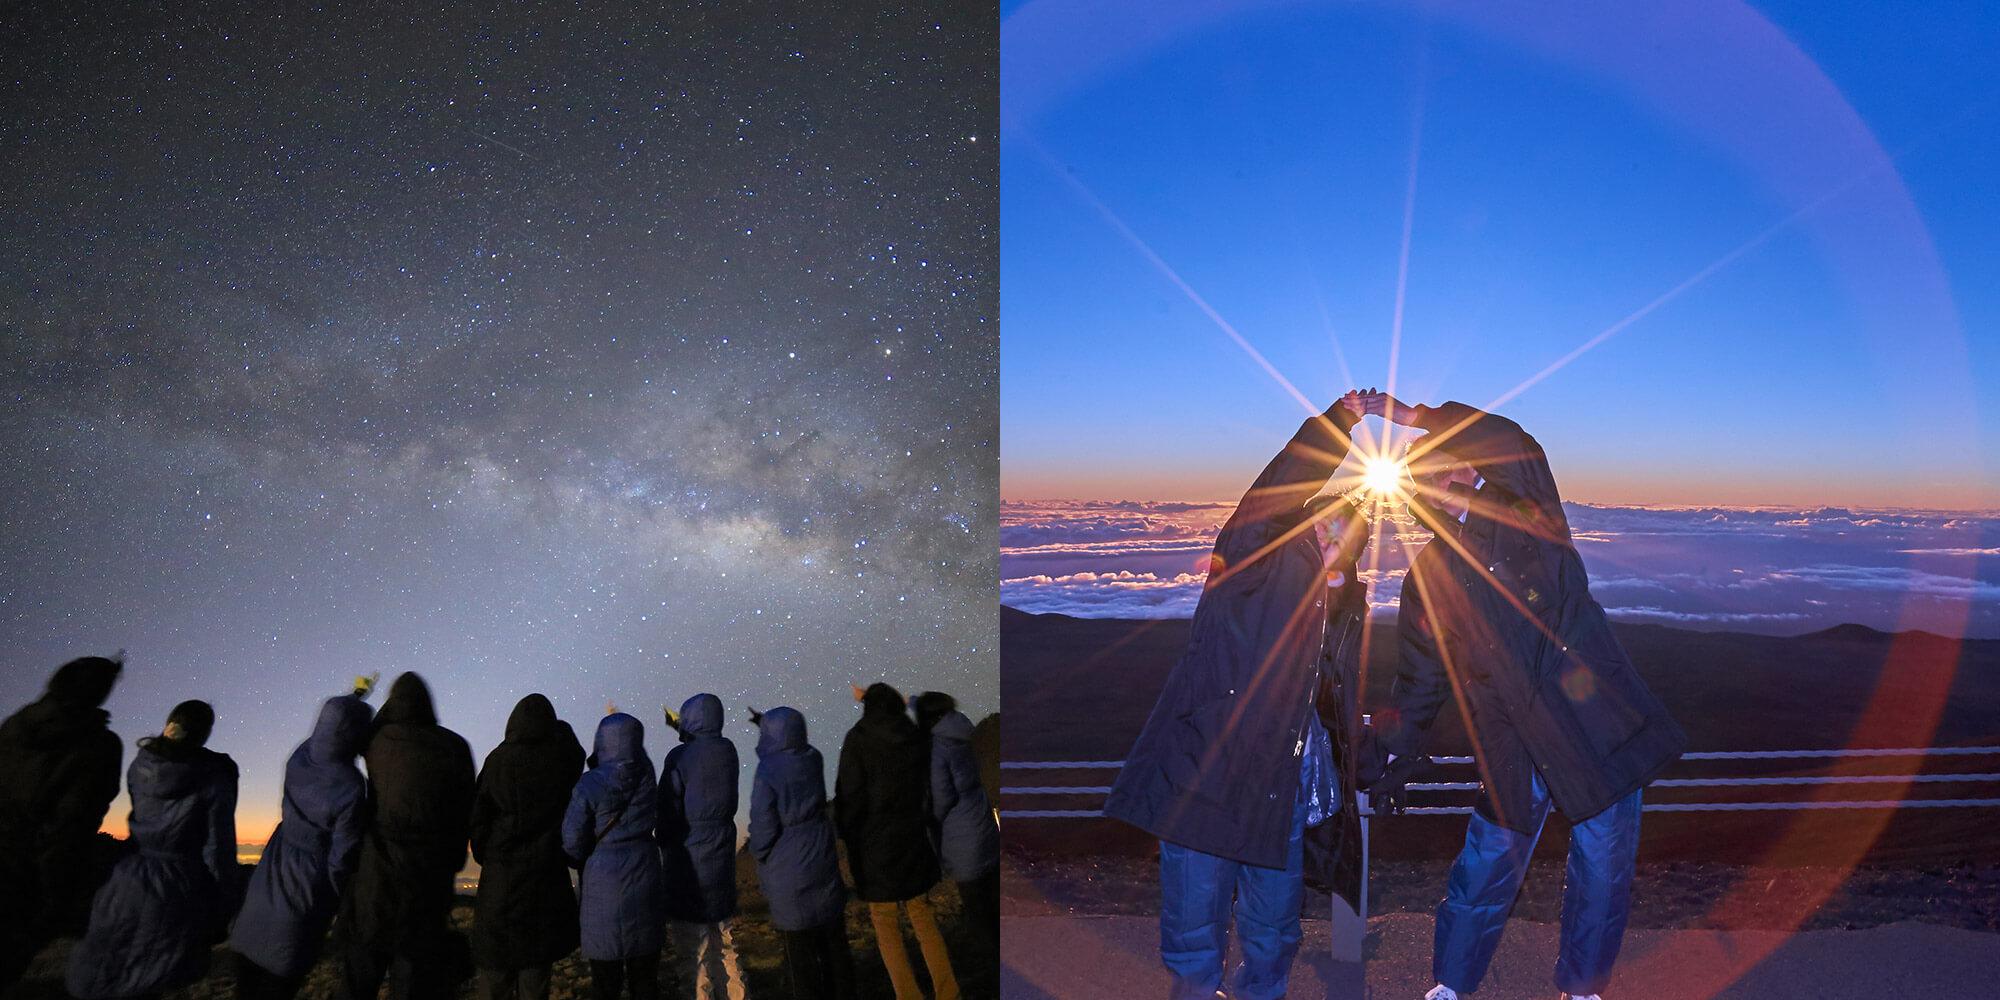 聖地マウナケア山頂・星空観測&サンライズツアー